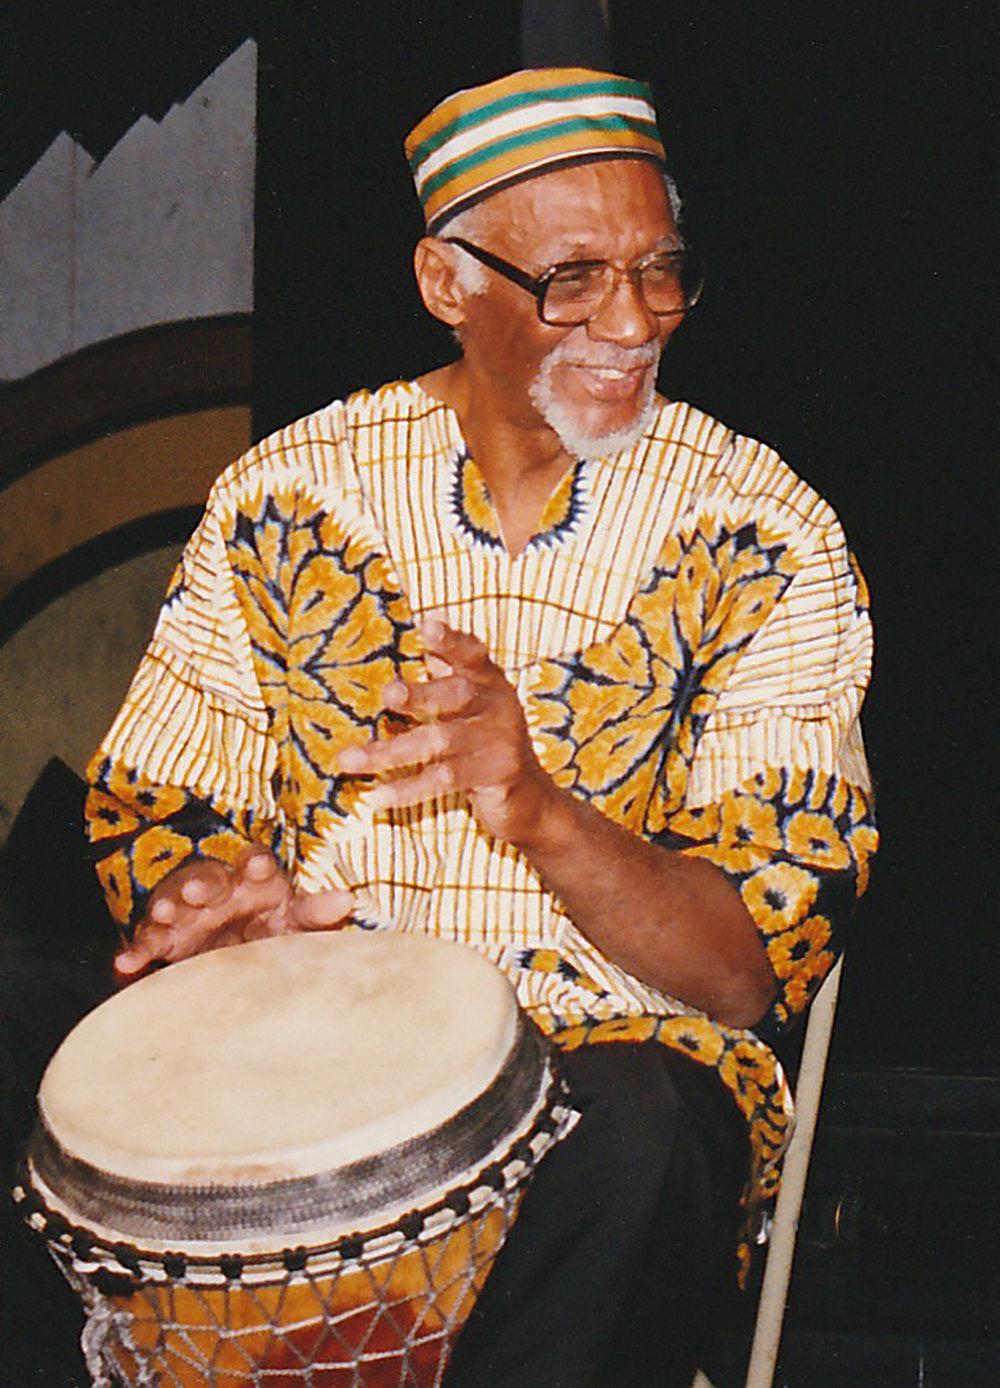 George Blake drumming 1995.jpg